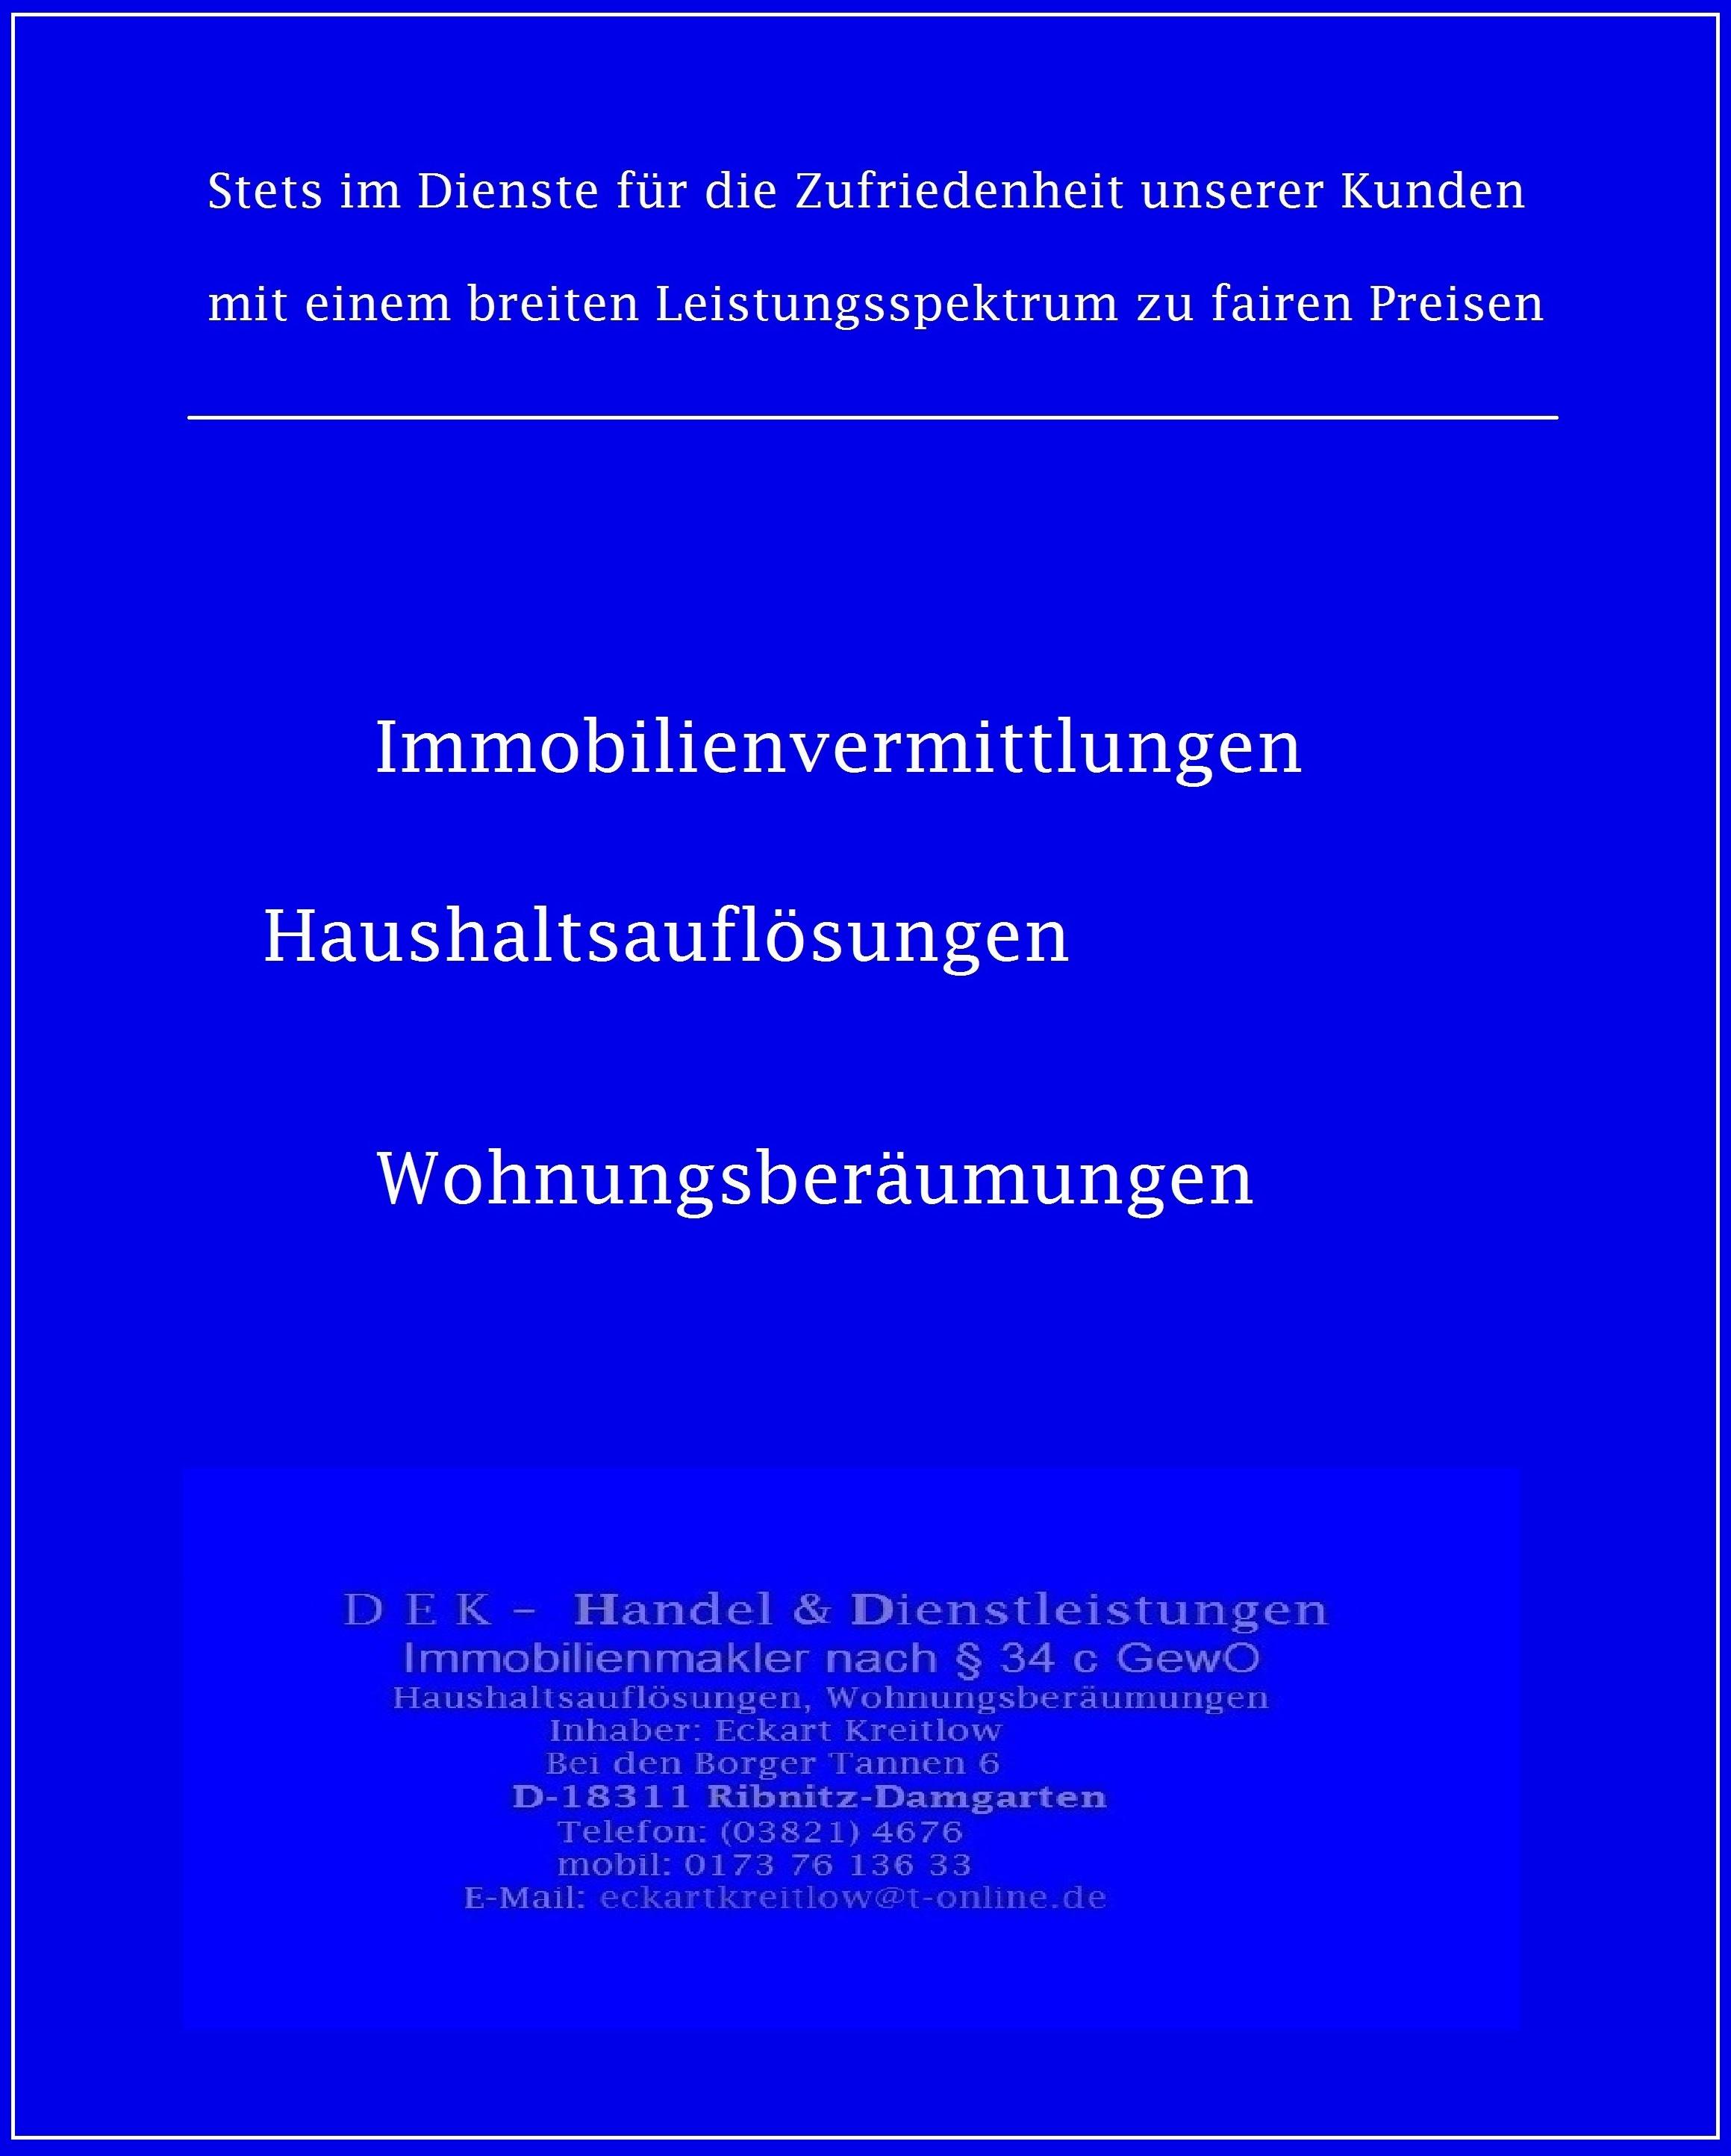 DEK - Handel & Dienstleistungen, Einzelunternehmen, Inhaber: Eckart Kreitlow, Bei den Borger Tannen 6, D-18311 Ribnitz-Damgarten, Telefon: 03821-4676, mobil: 0173-7613633, Email: eckartkreitlow@t-online.de, Internet (URL): www.ostsee-rundschau.de/DEK.htm und oder www.eckart-kreitlow.de